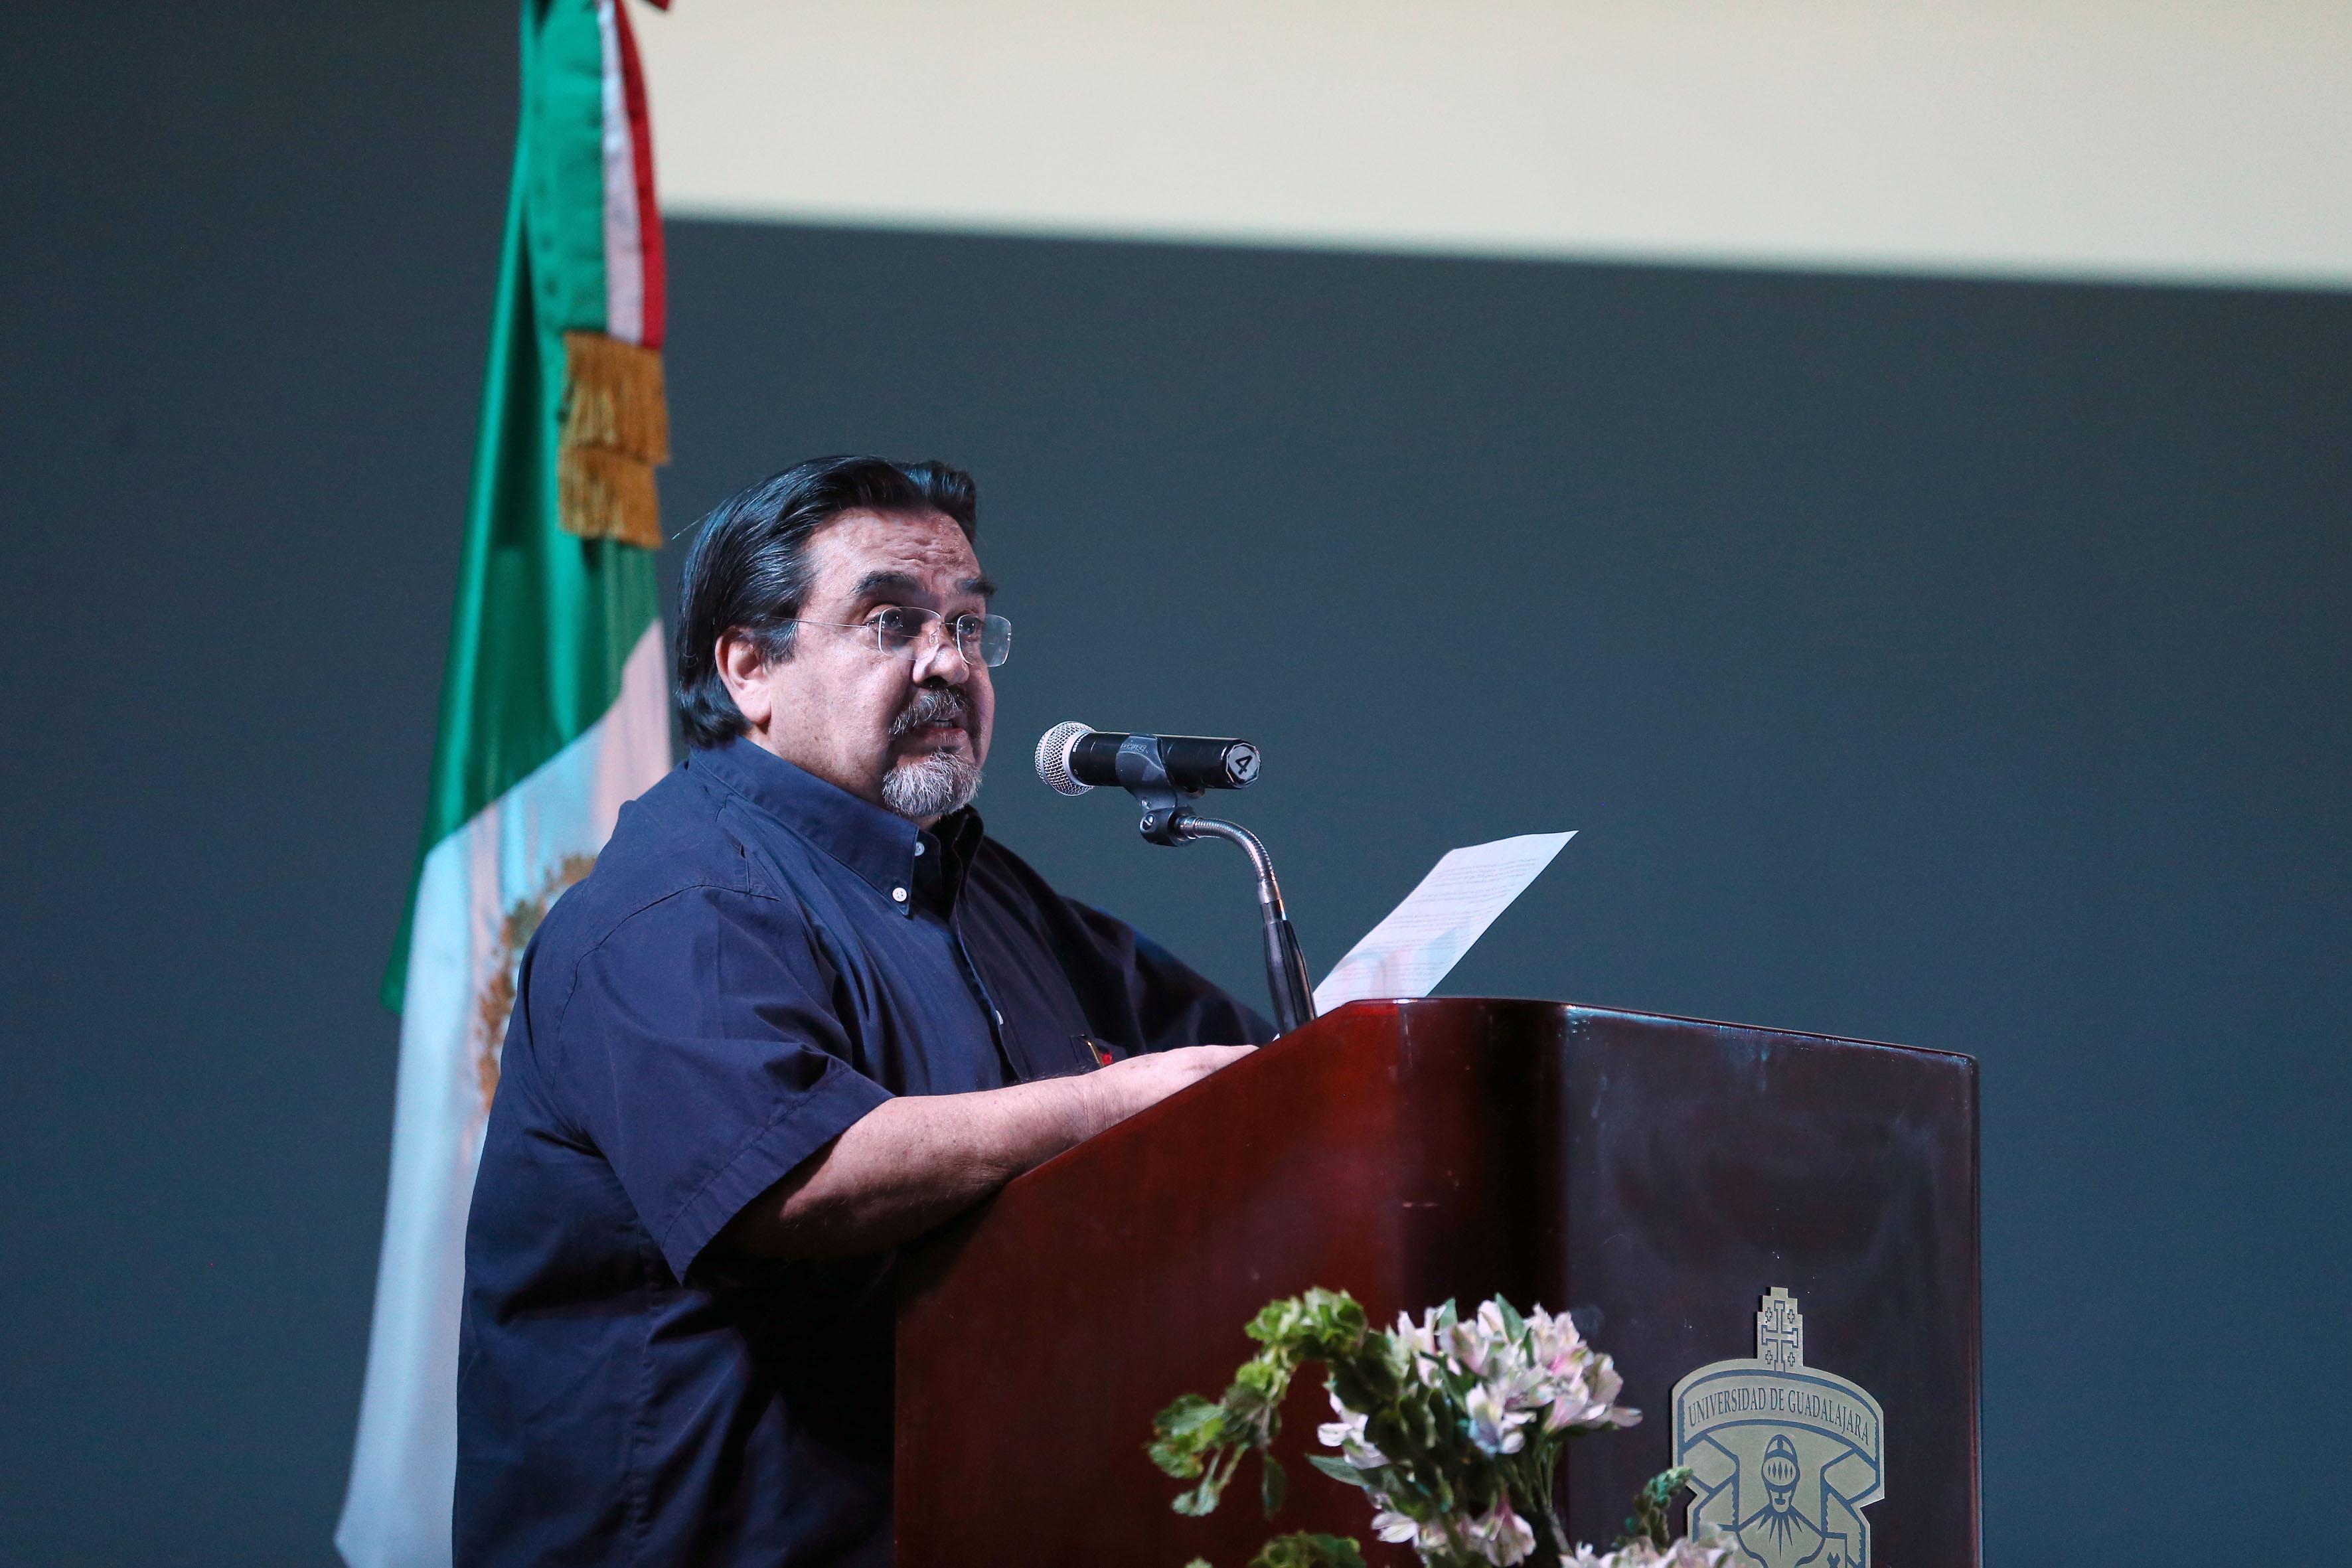 Rector del Centro Universitario de la Costa, doctor Marco Antonio Cortés Guardado, en podium rindiendo su Tercer Informe de Actividades.